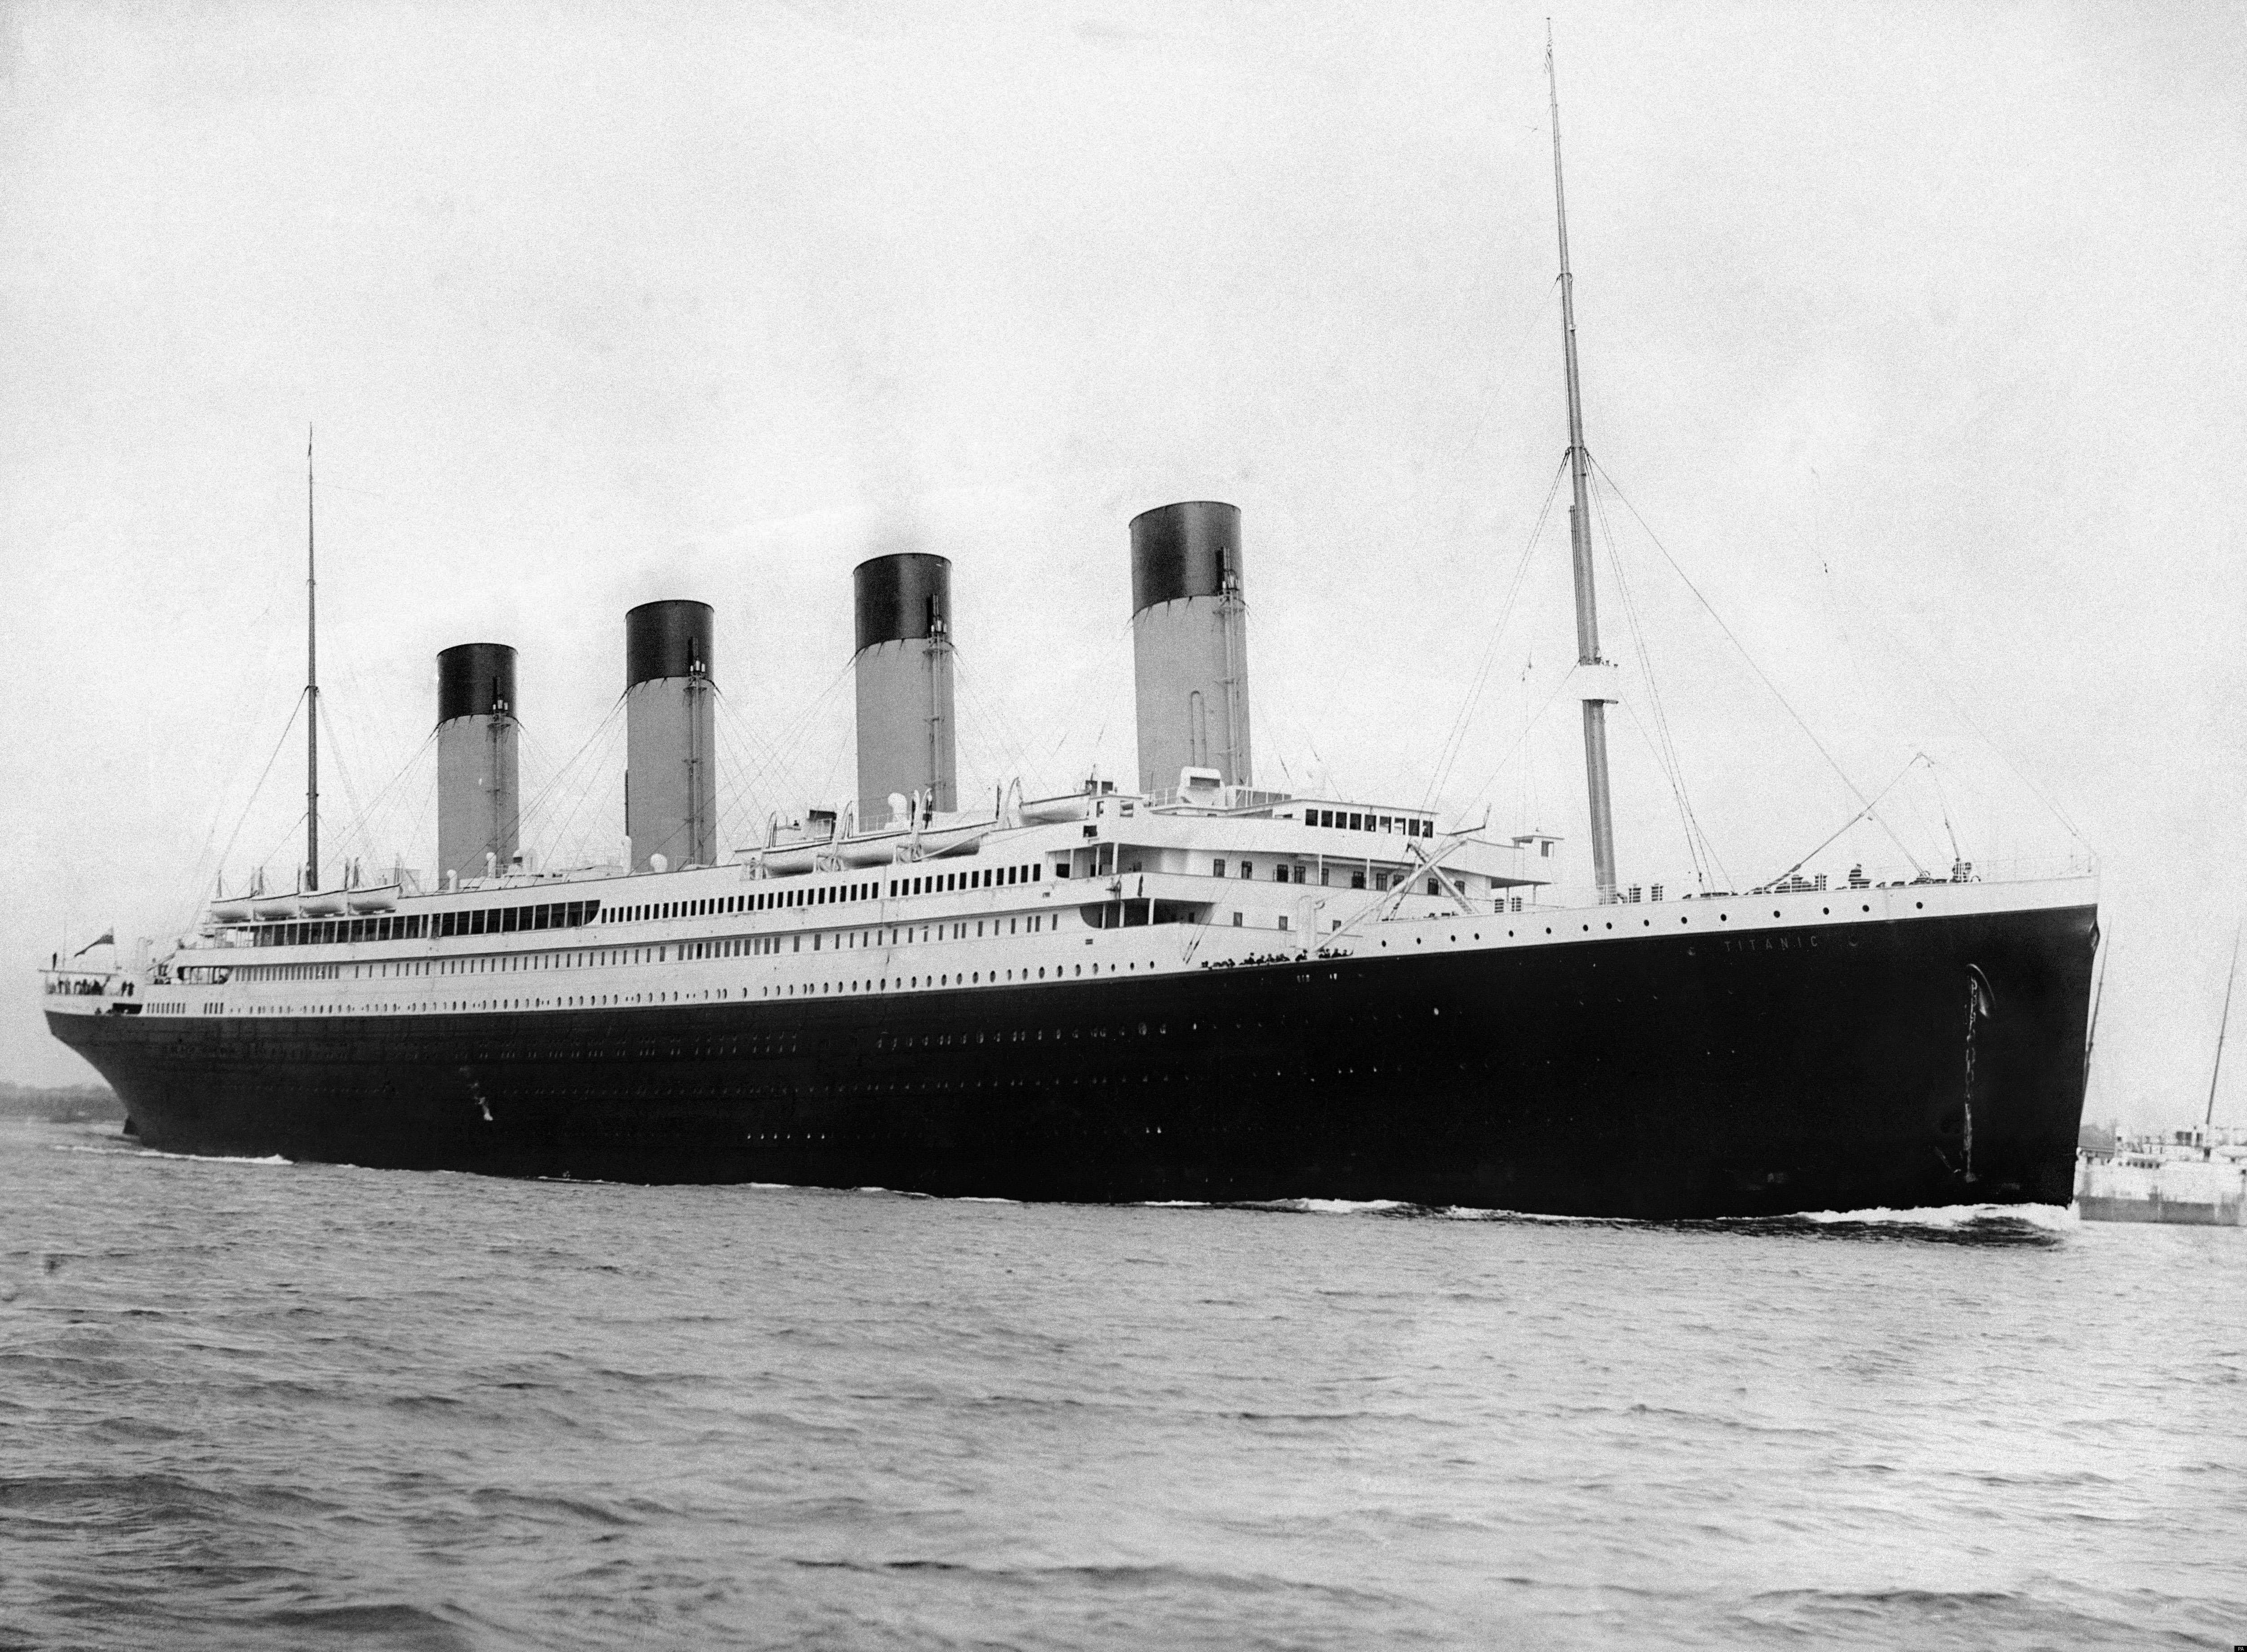 F.G.O. Stuart: RMS Titanic departing Southampton on April 10, 1912